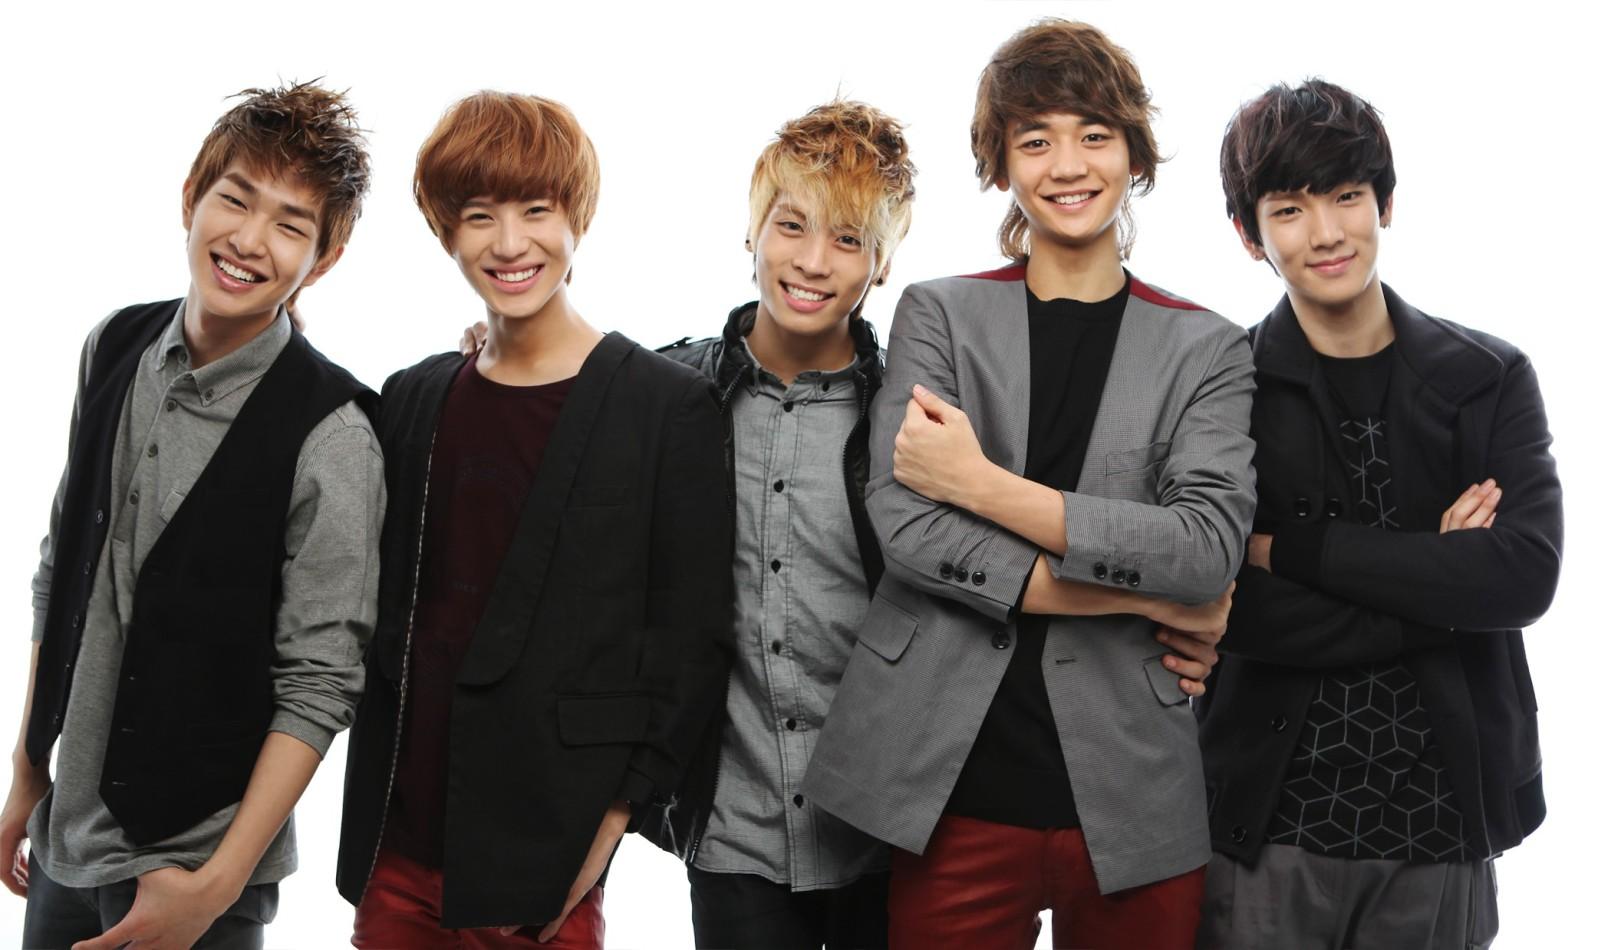 Кей поп группы мужские